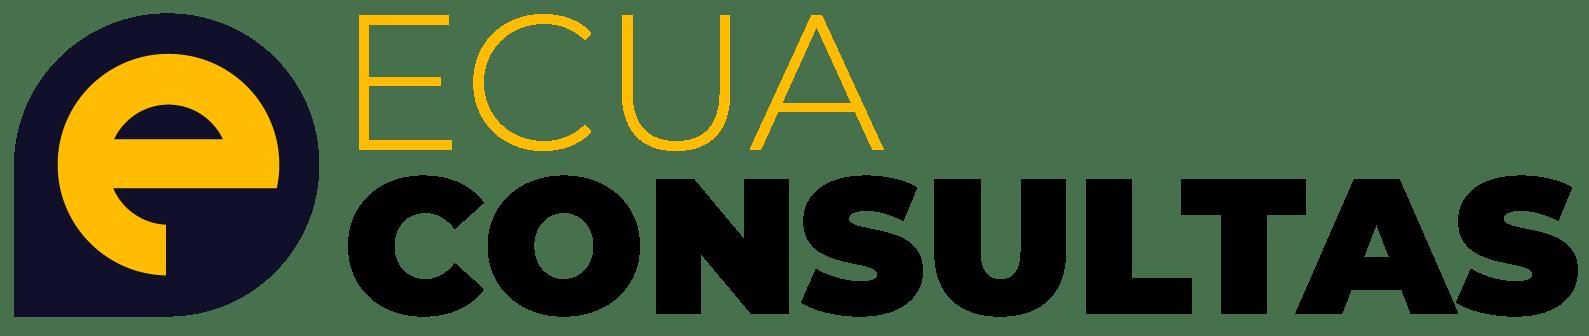 Ecuaconsultas